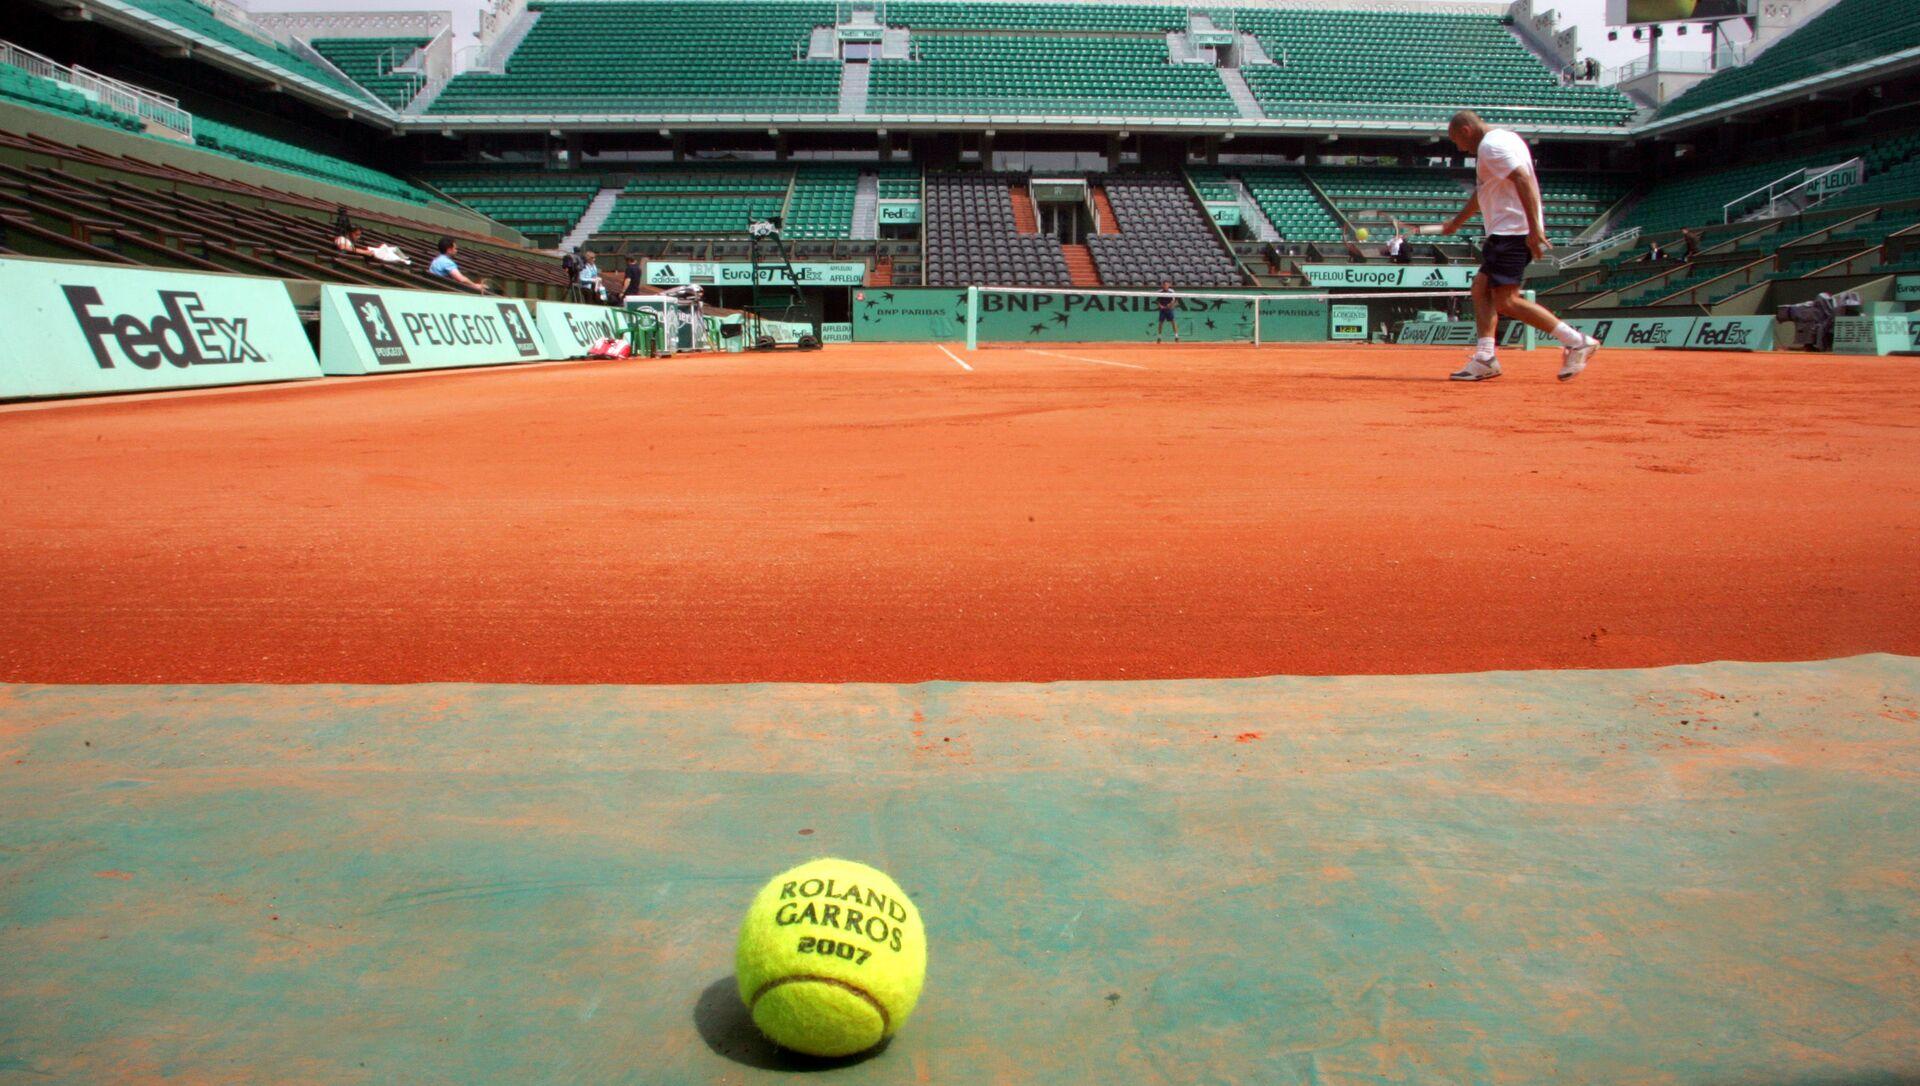 Un court de tennis à Roland-Garros (Photo de JACQUES DEMARTHON / AFP) - Sputnik France, 1920, 12.06.2021